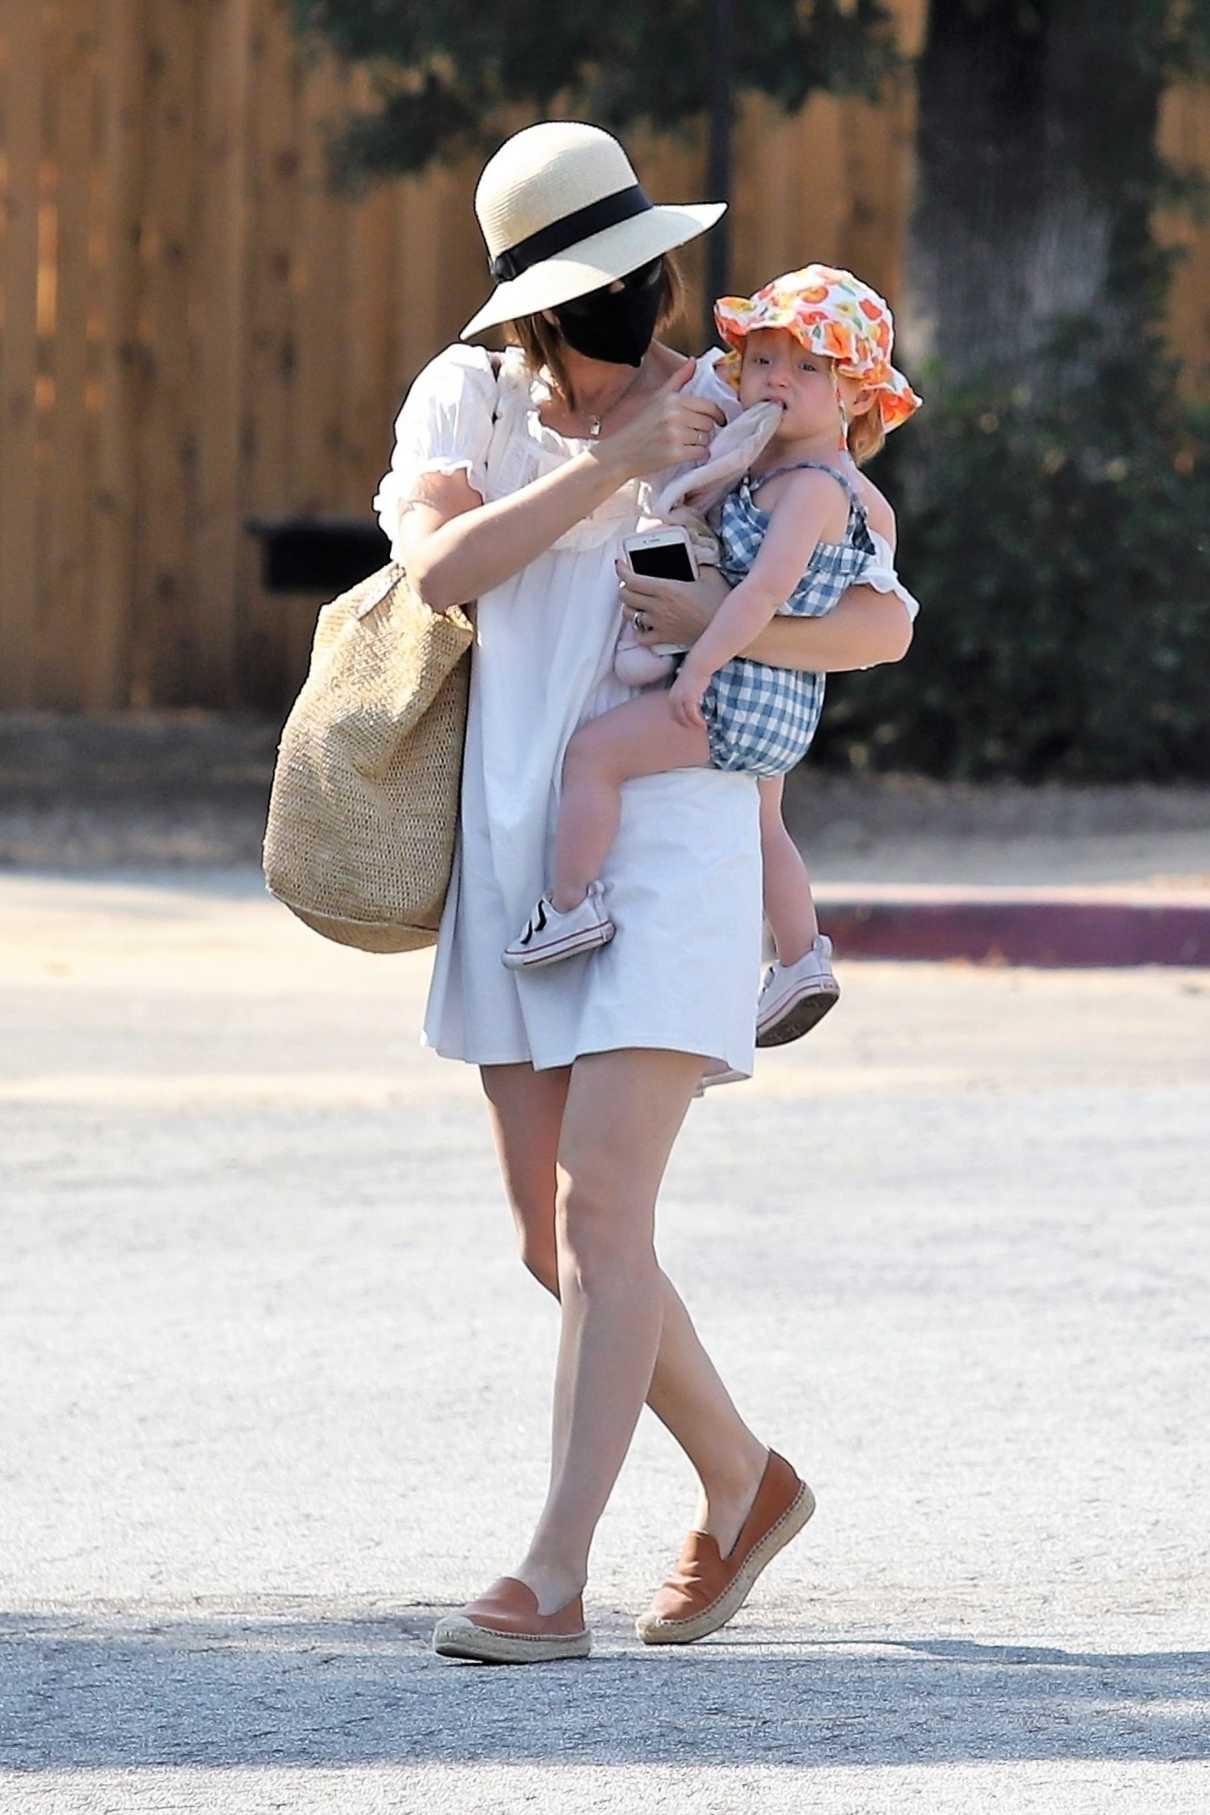 Kate Mara in a White Mini Dress